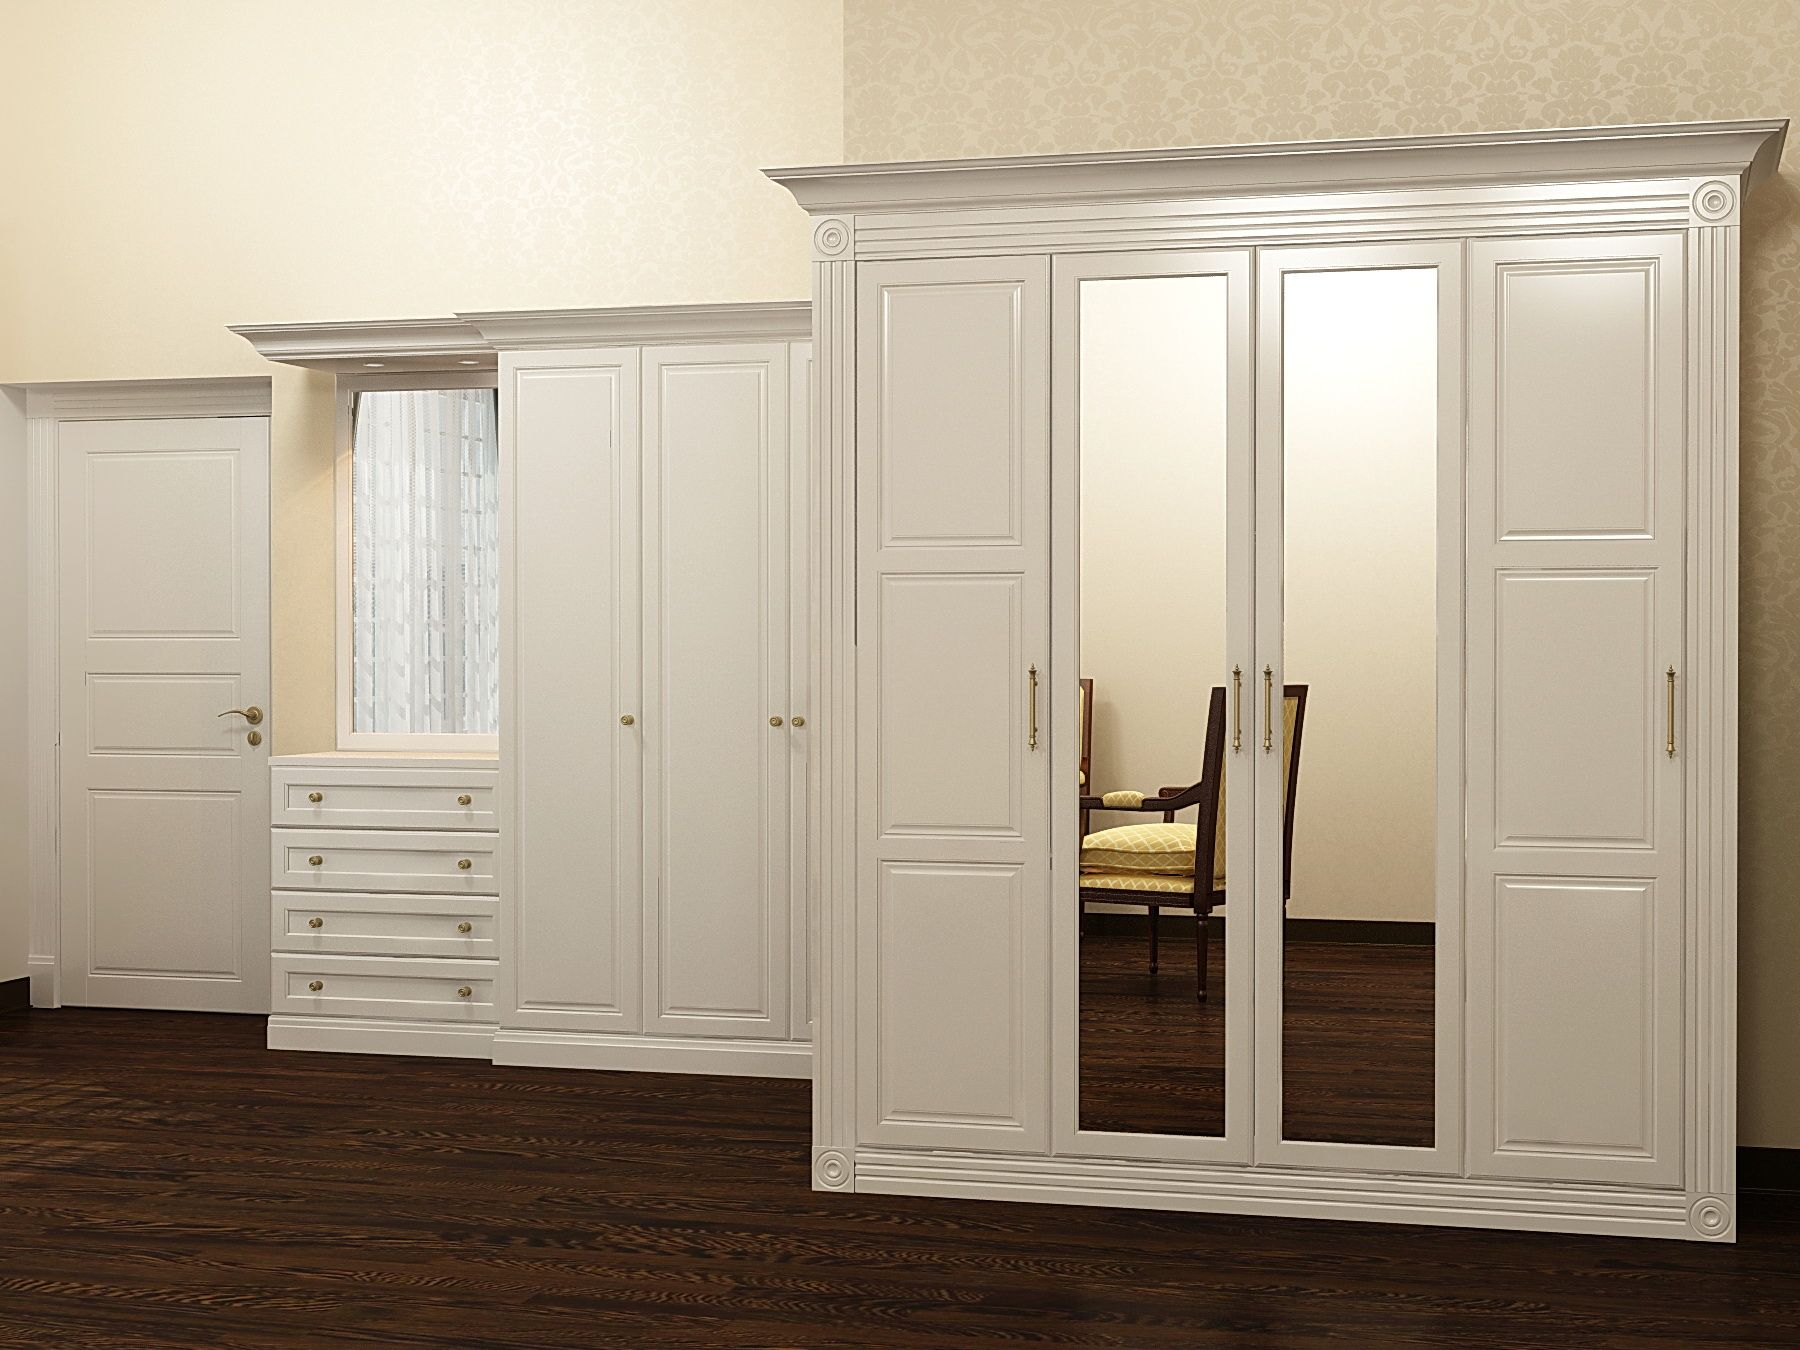 шкафы фото классика мебель